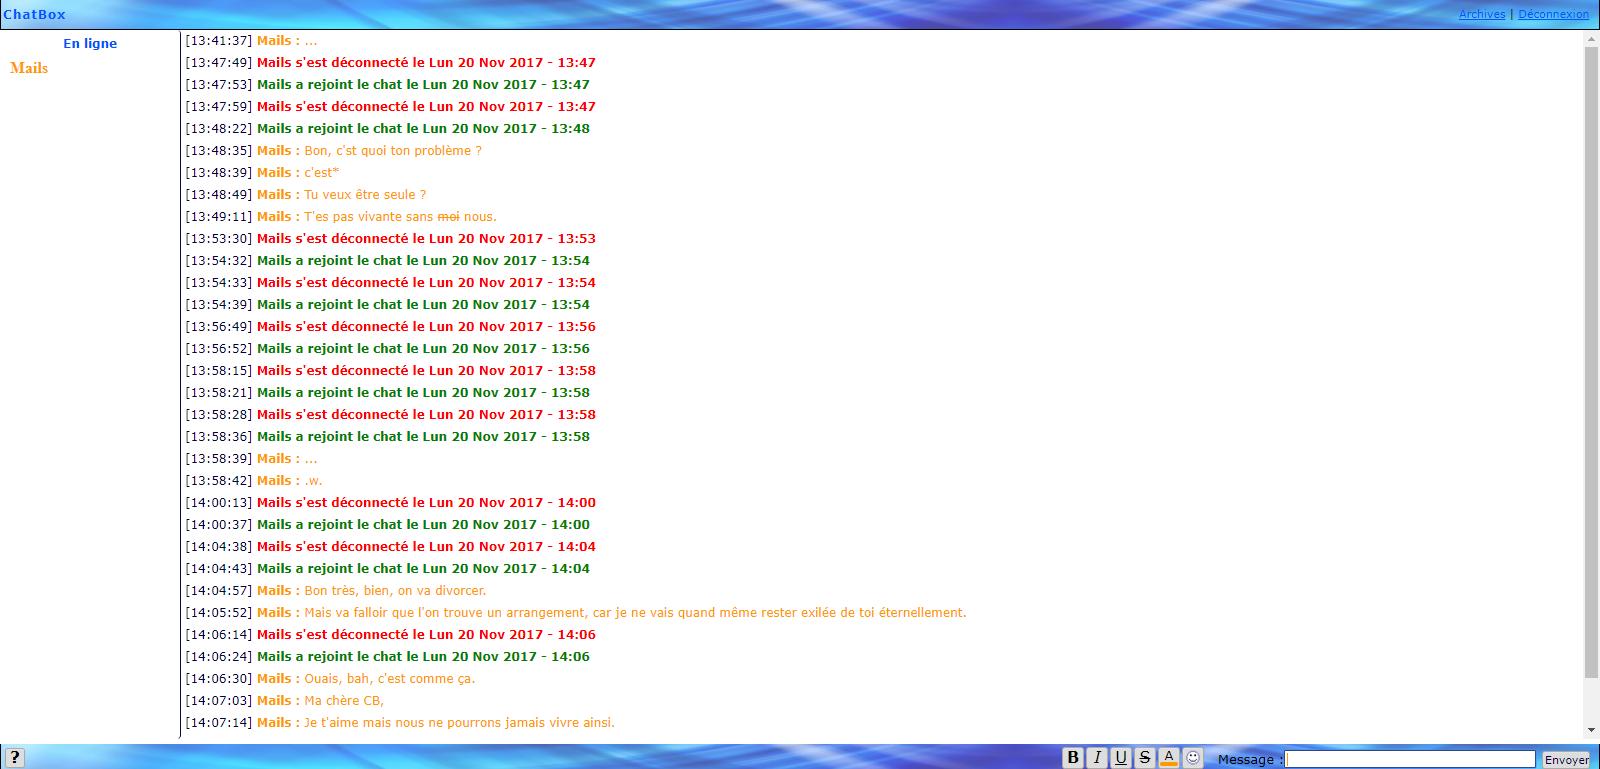 Le meilleur de la chatbox - Page 7 Tailsd22